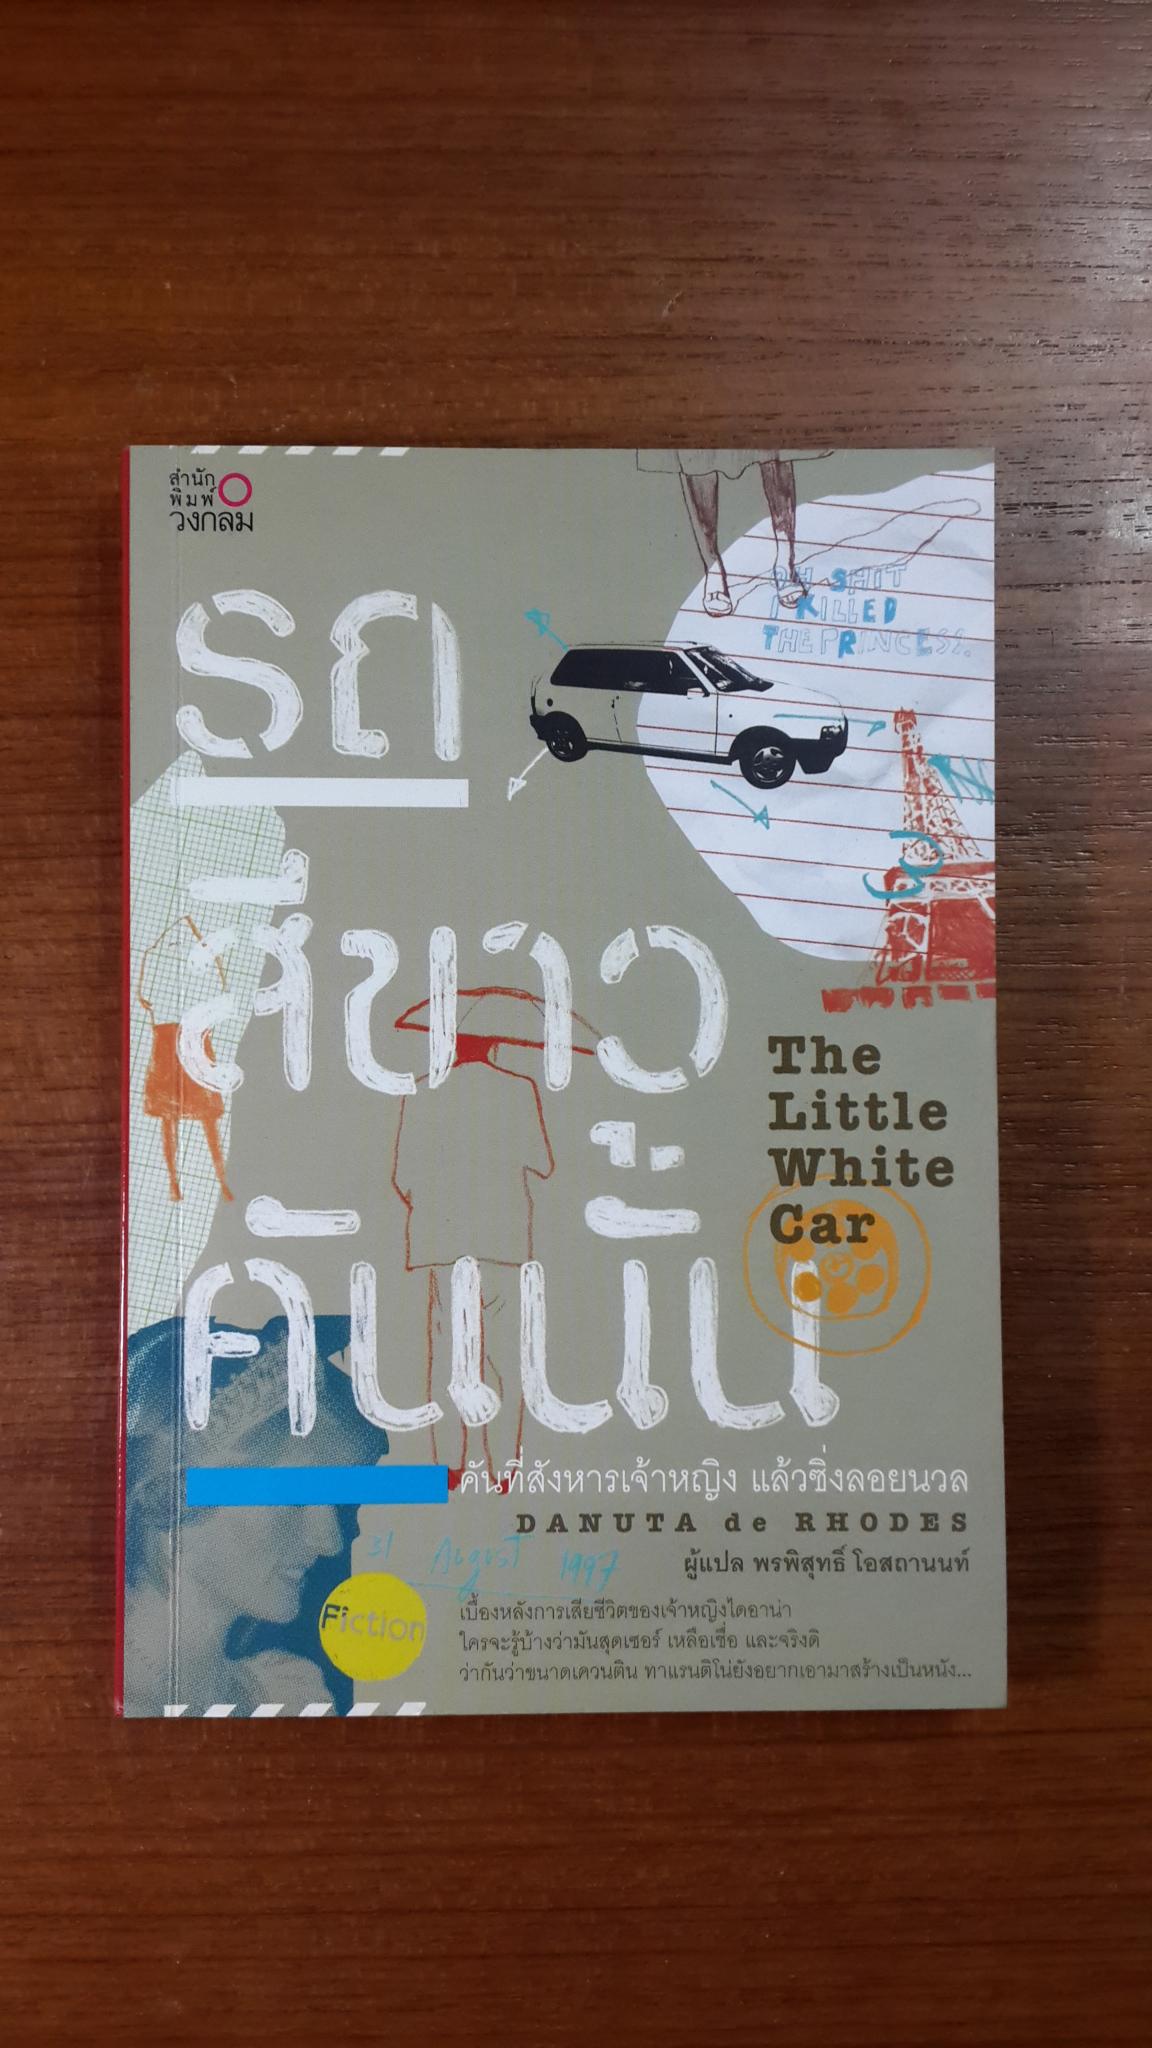 รถสีขาวคันนั้น / DANUTA de RHODES